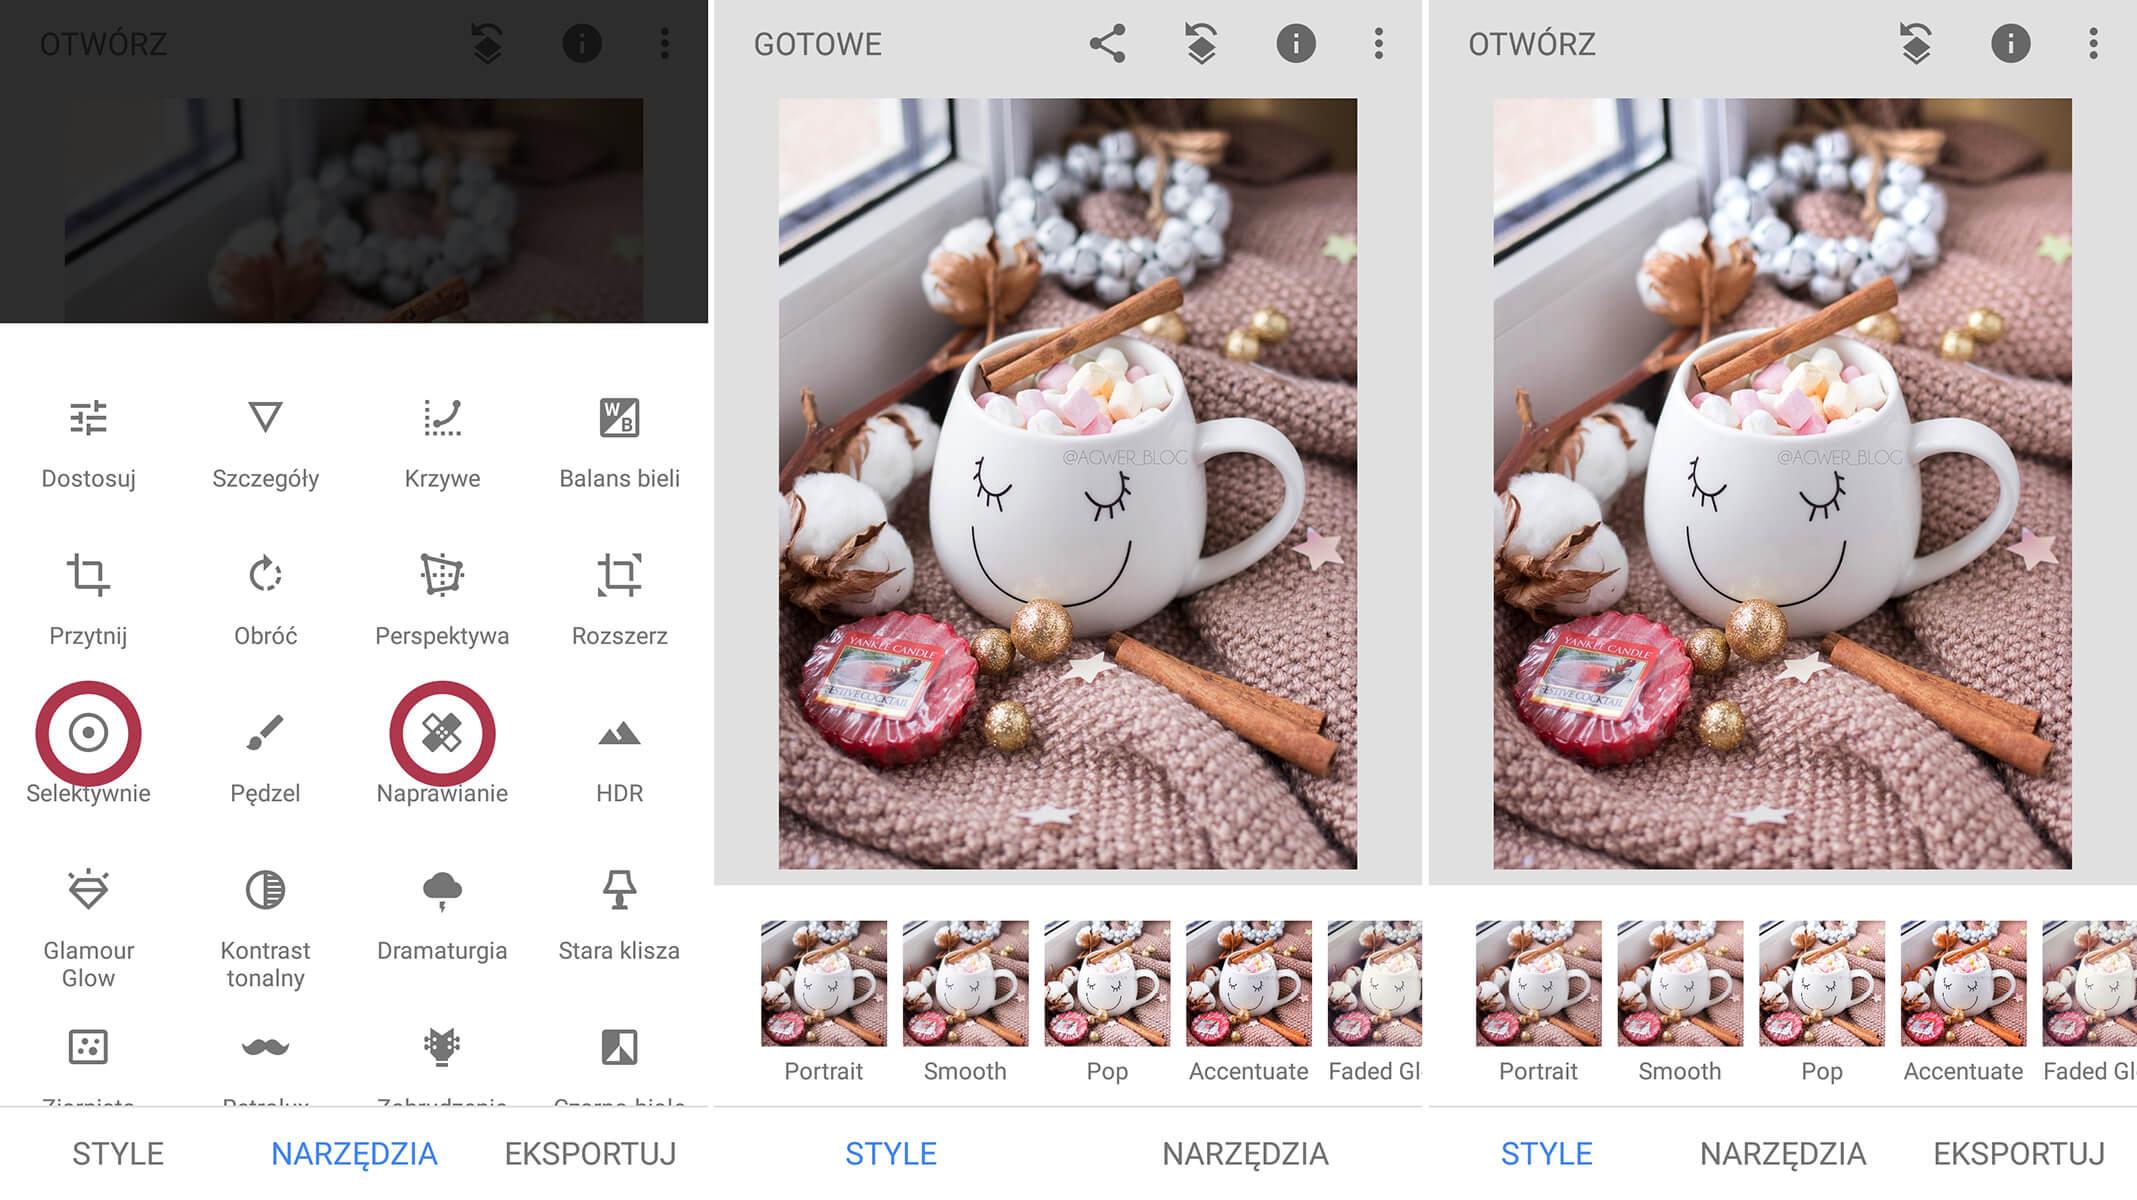 aplikacje do obróbki zdjęć android po polsku